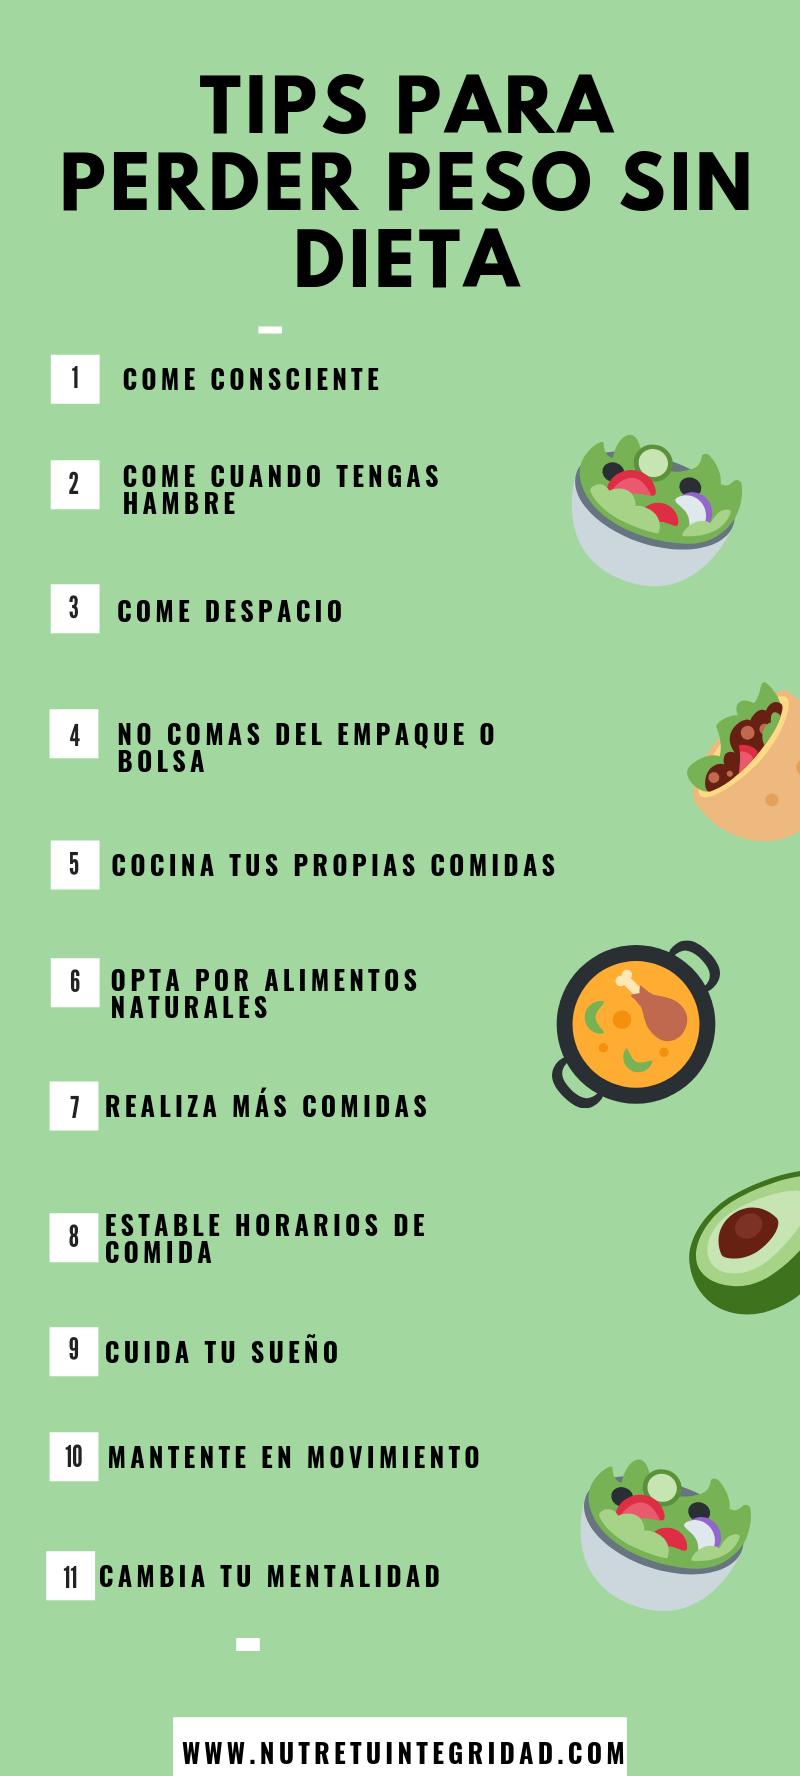 10 habitos saludables para bajar de peso